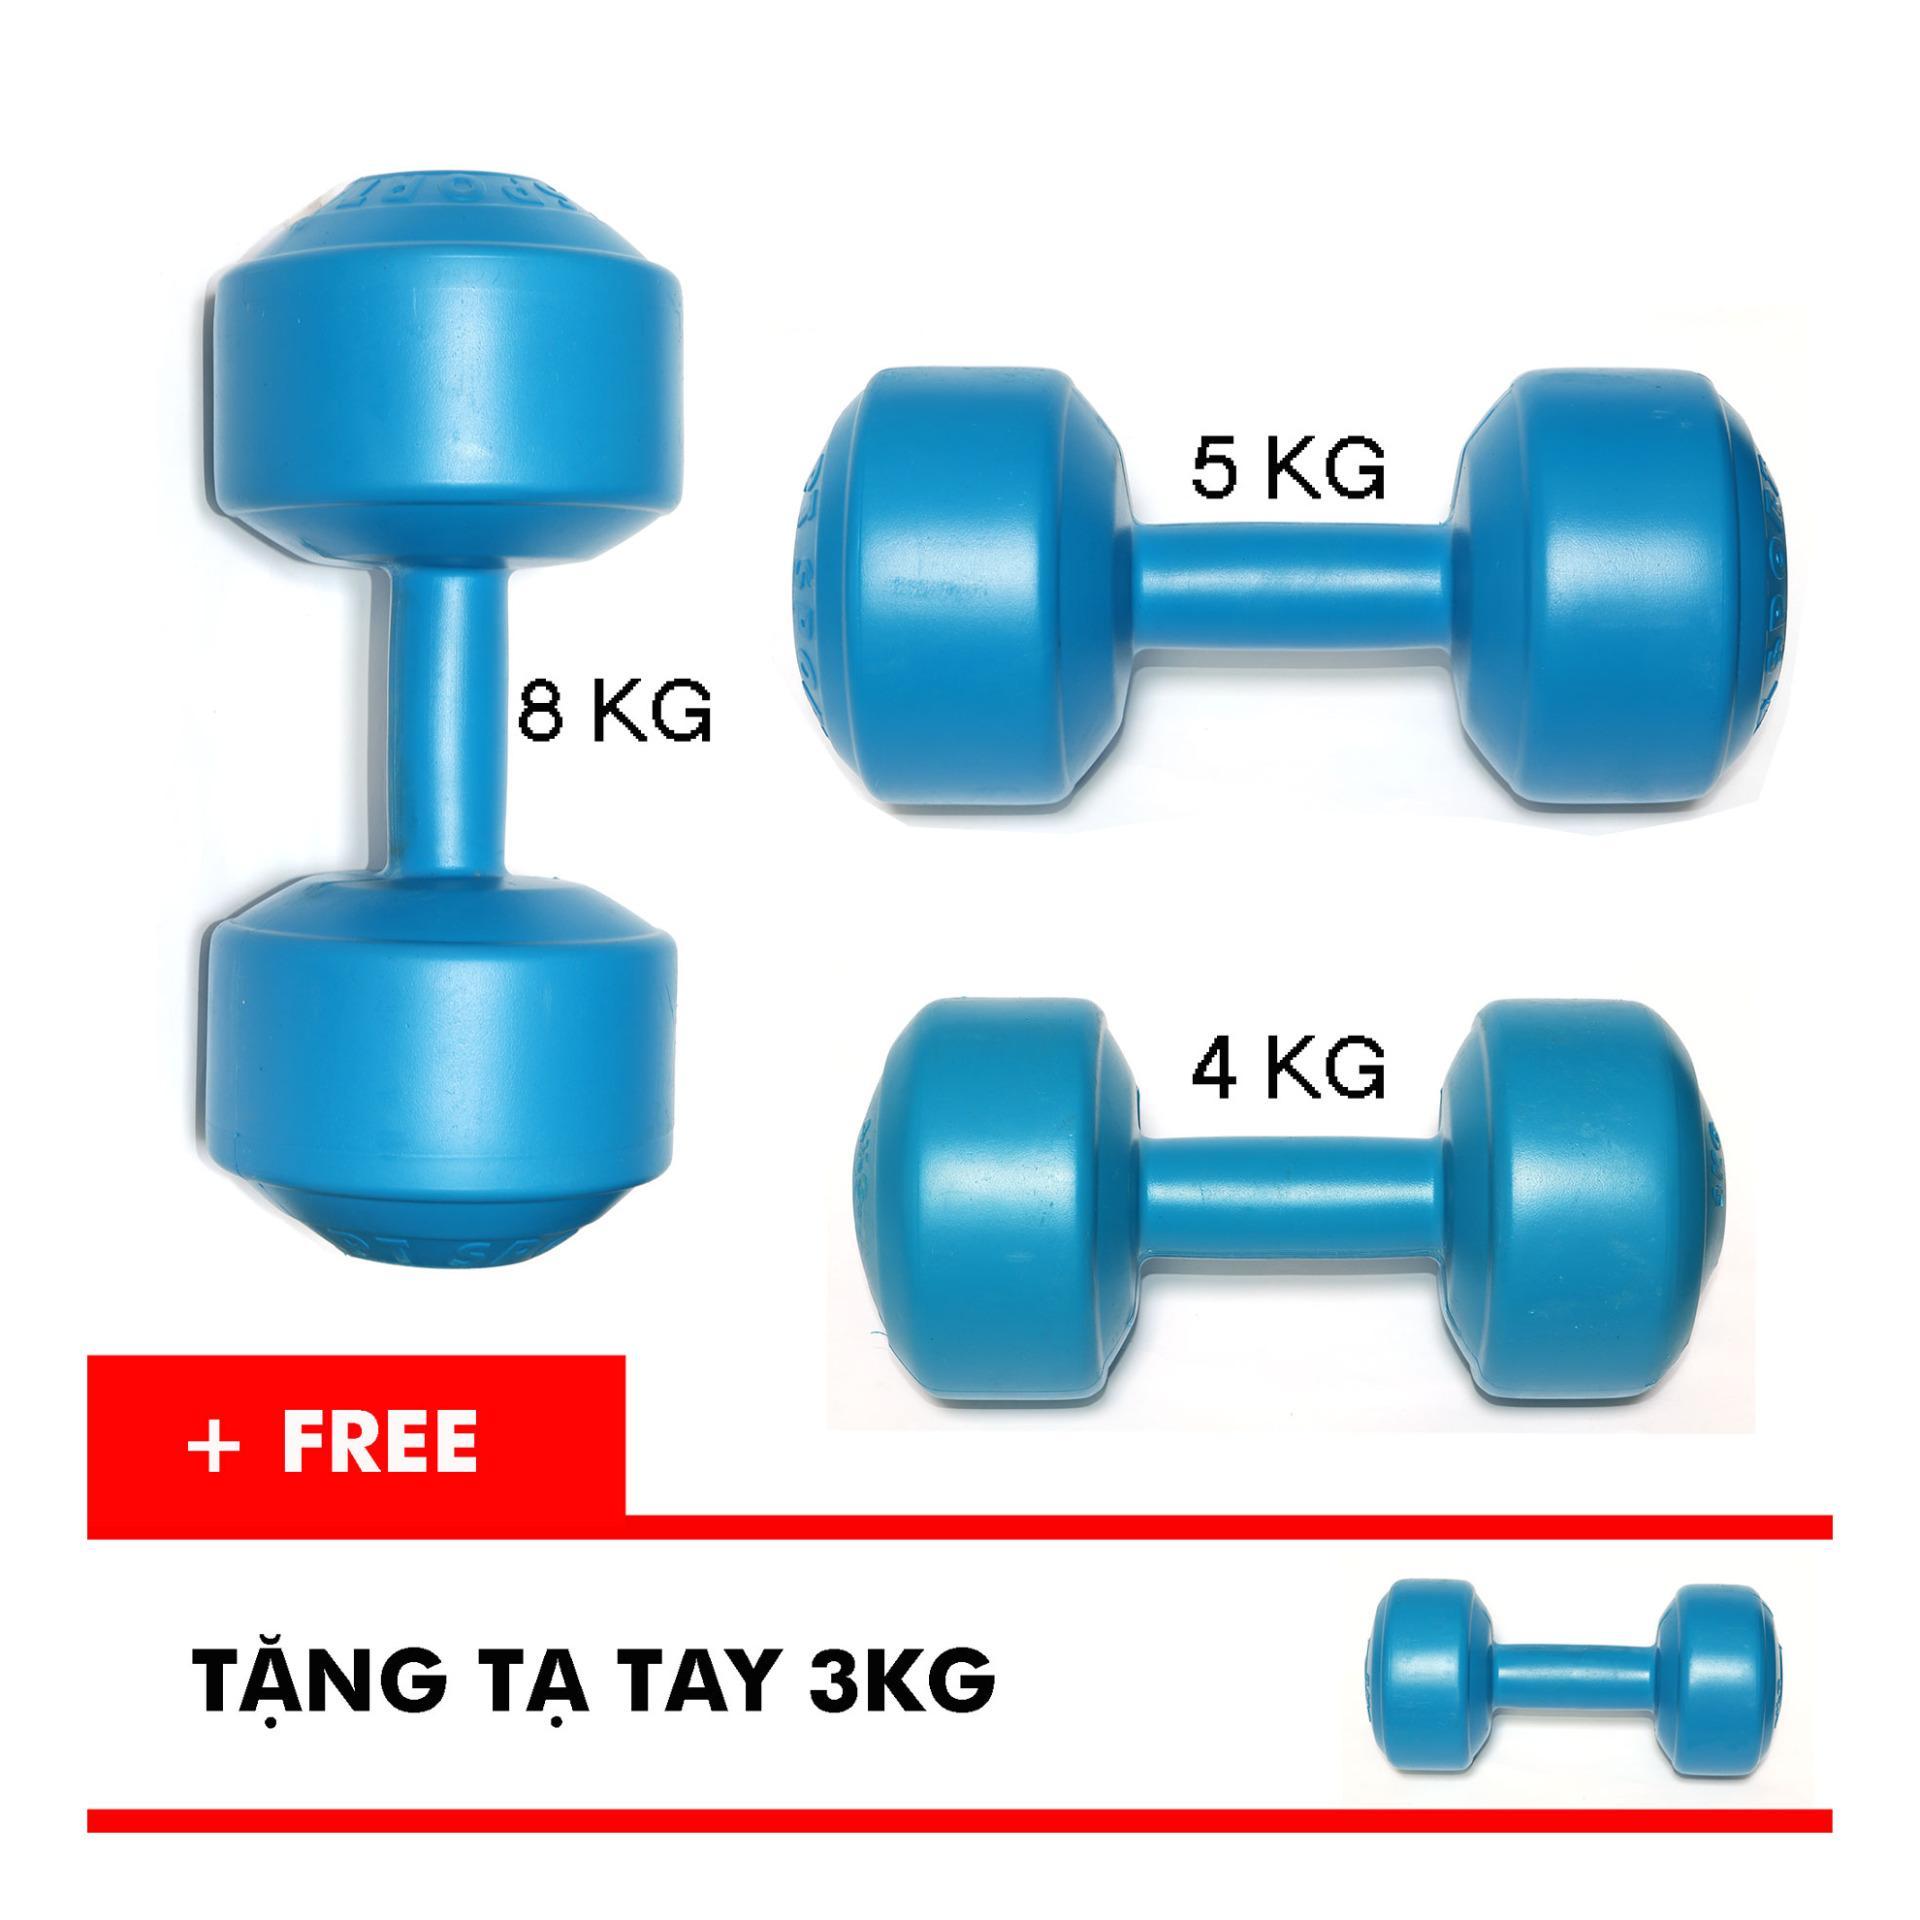 Bộ tạ tay VN 4kg, 5kg, 8kg (Tặng kèm tạ tay 3kg)